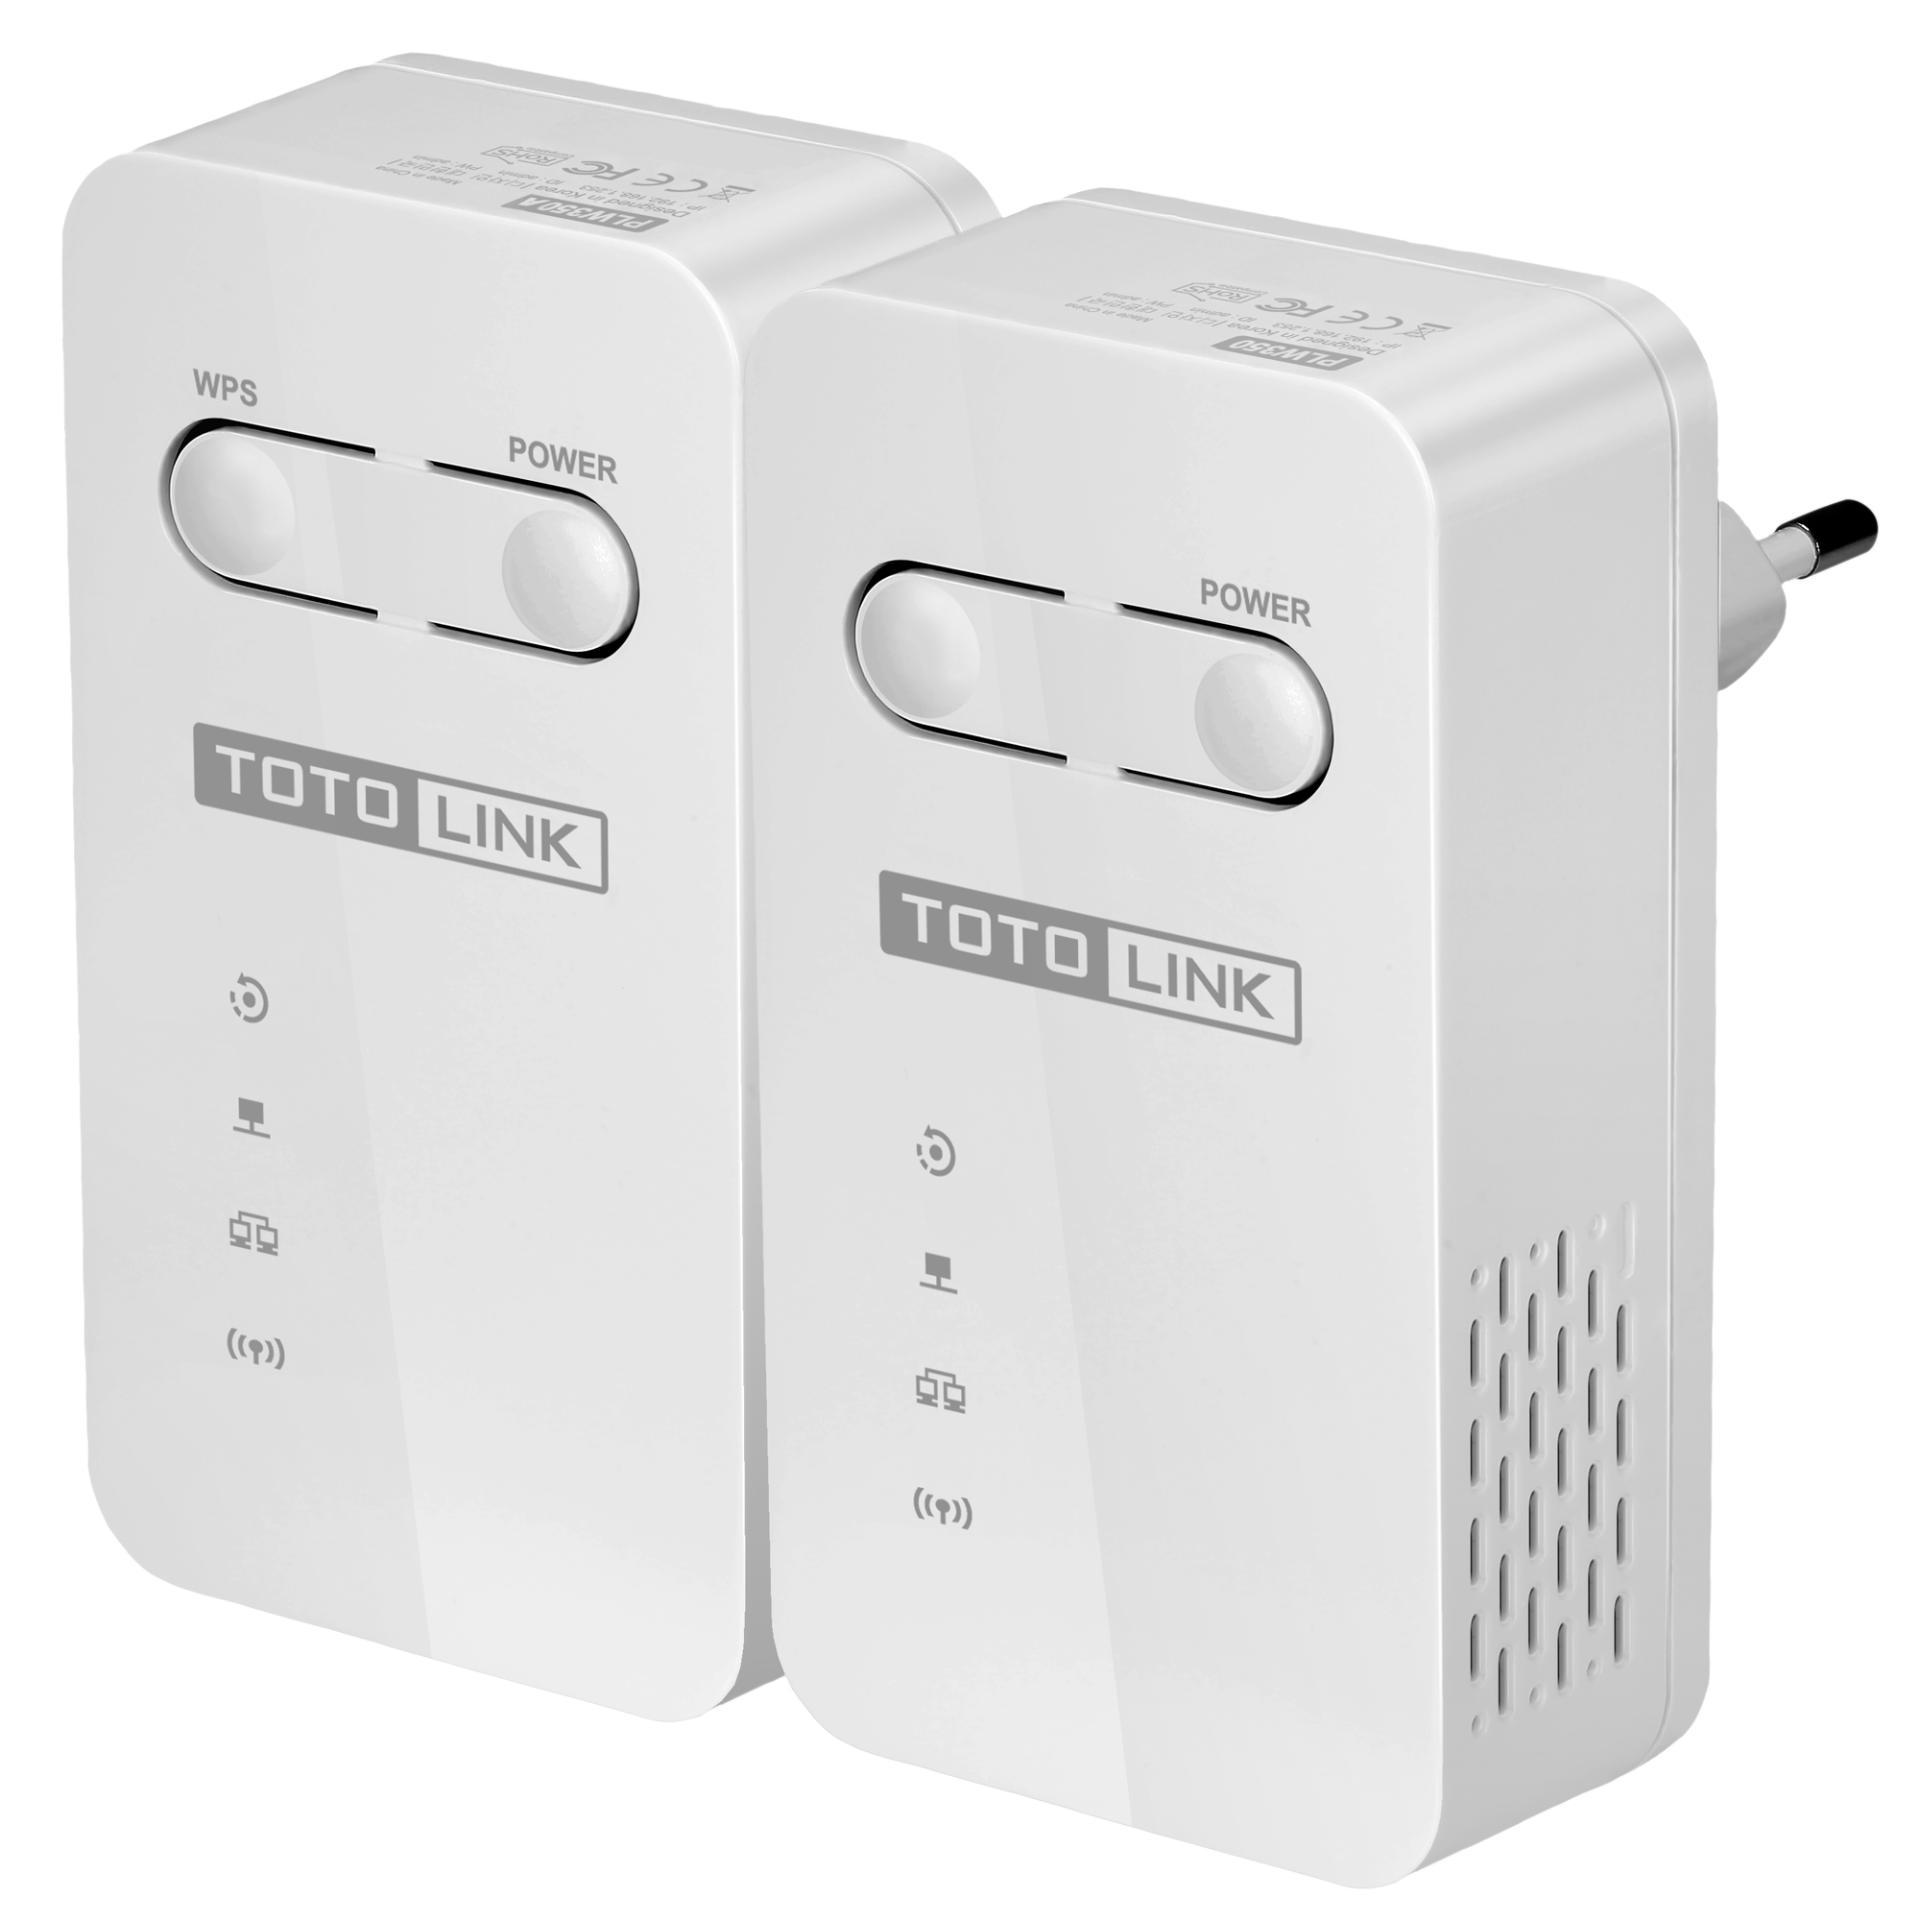 Bộ Kit Mở Rộng Mạng Wi Fi Qua Đường Day Điện 150Mbps Totolink Plw350Kit Rẻ